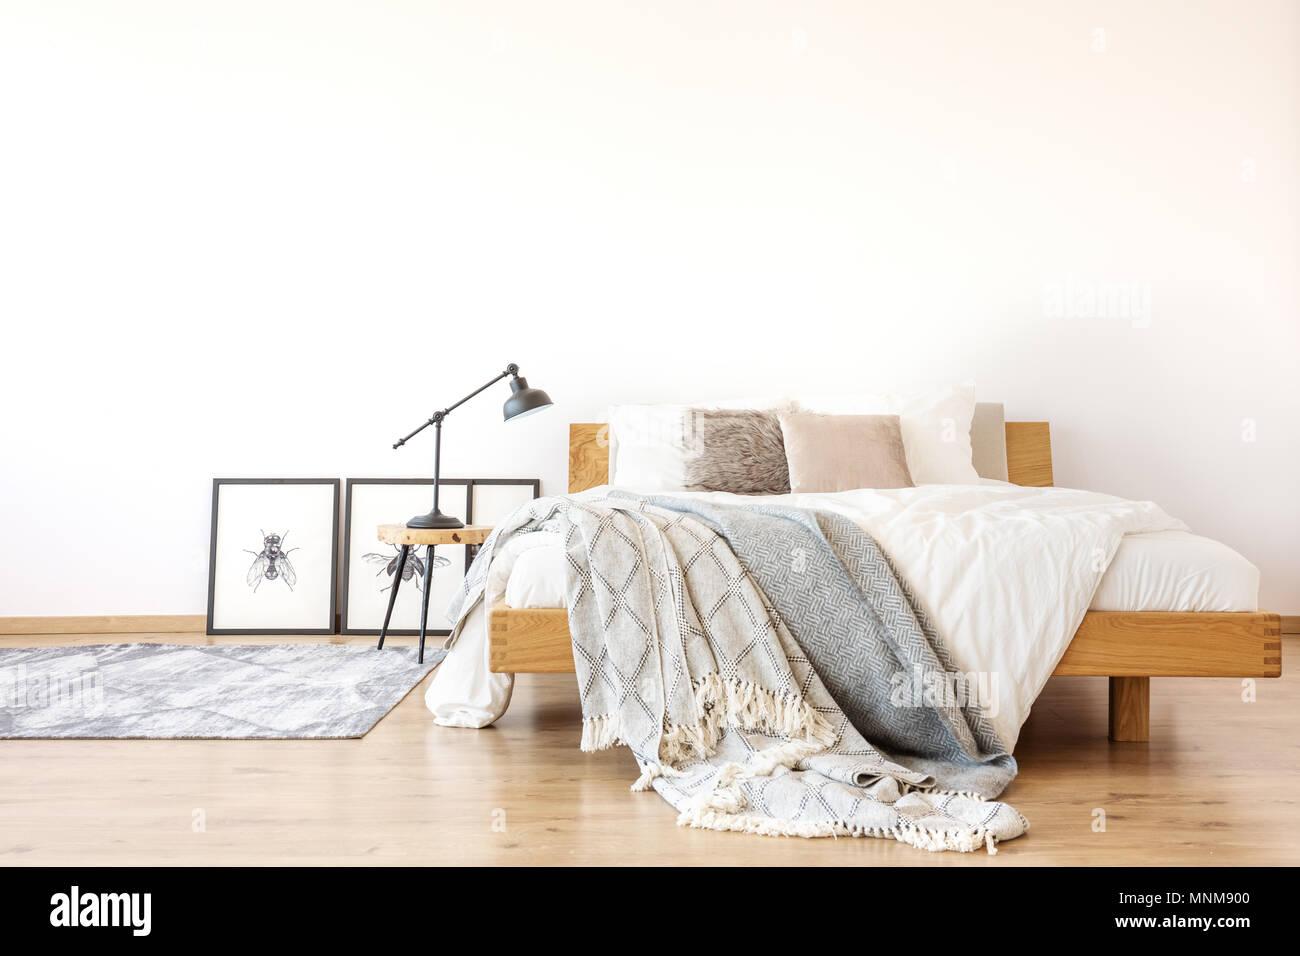 Bettwäsche auf hölzernen King-Size-Bett gegen weiße Wand im geräumigen Schlafzimmer mit Lampe auf einem Hocker Stockbild